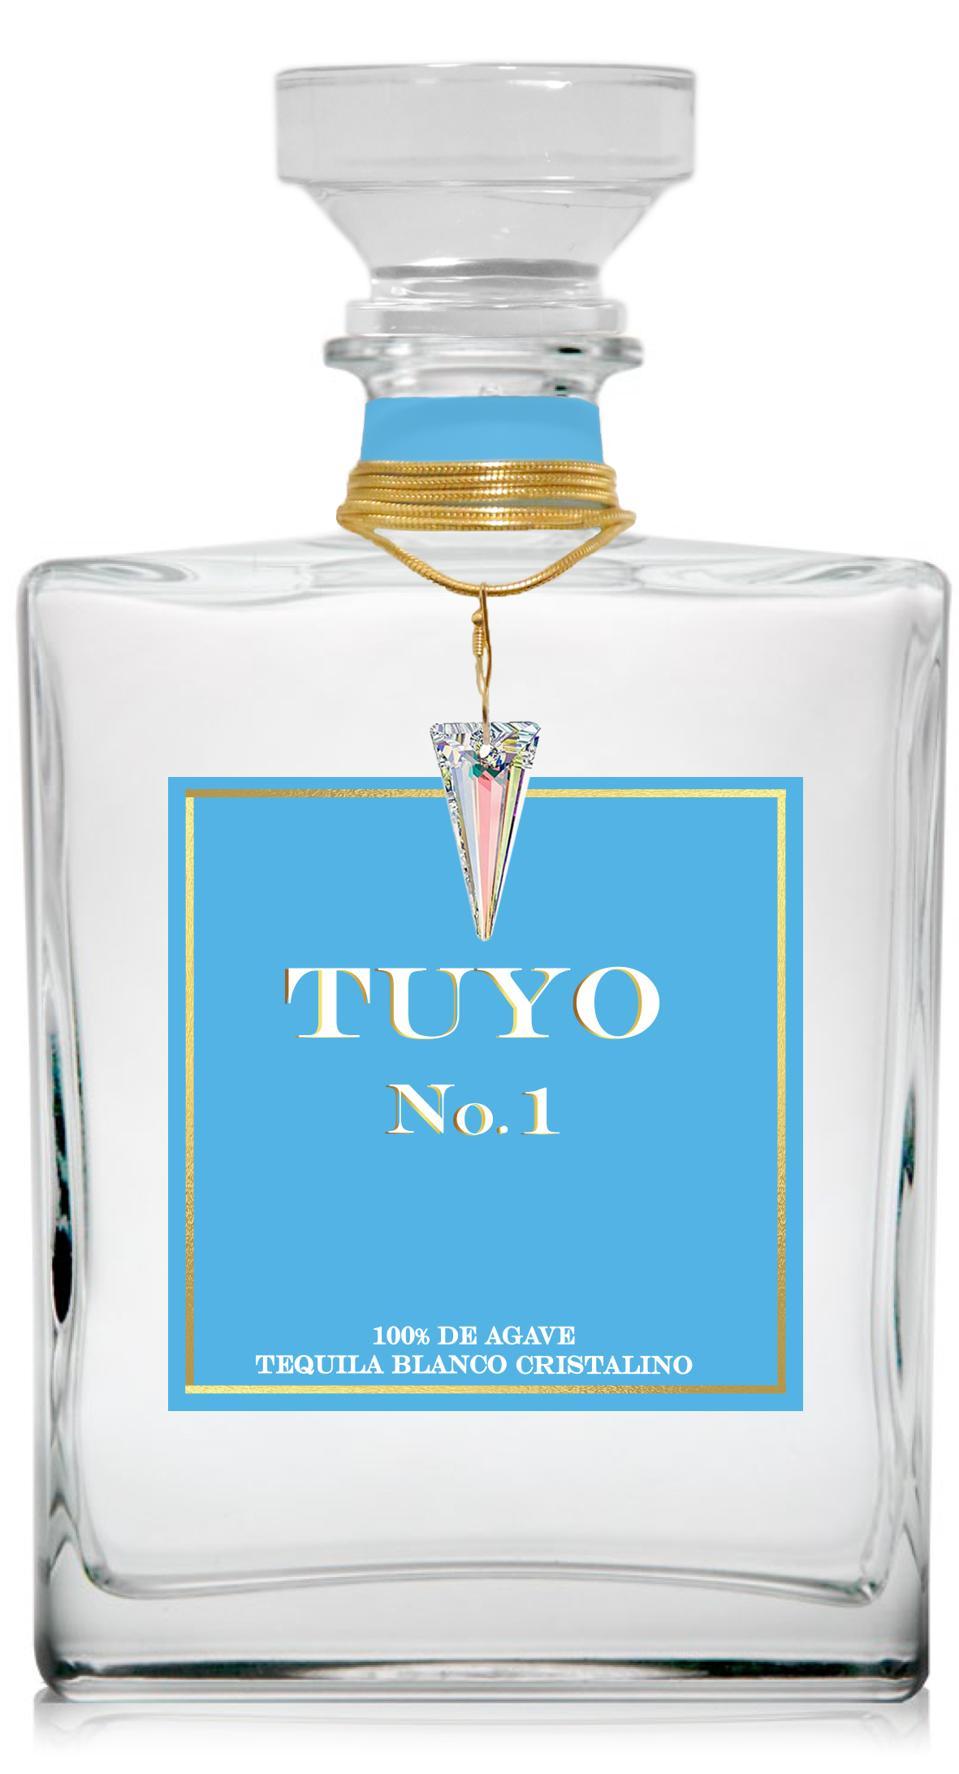 Tuyo Blanco